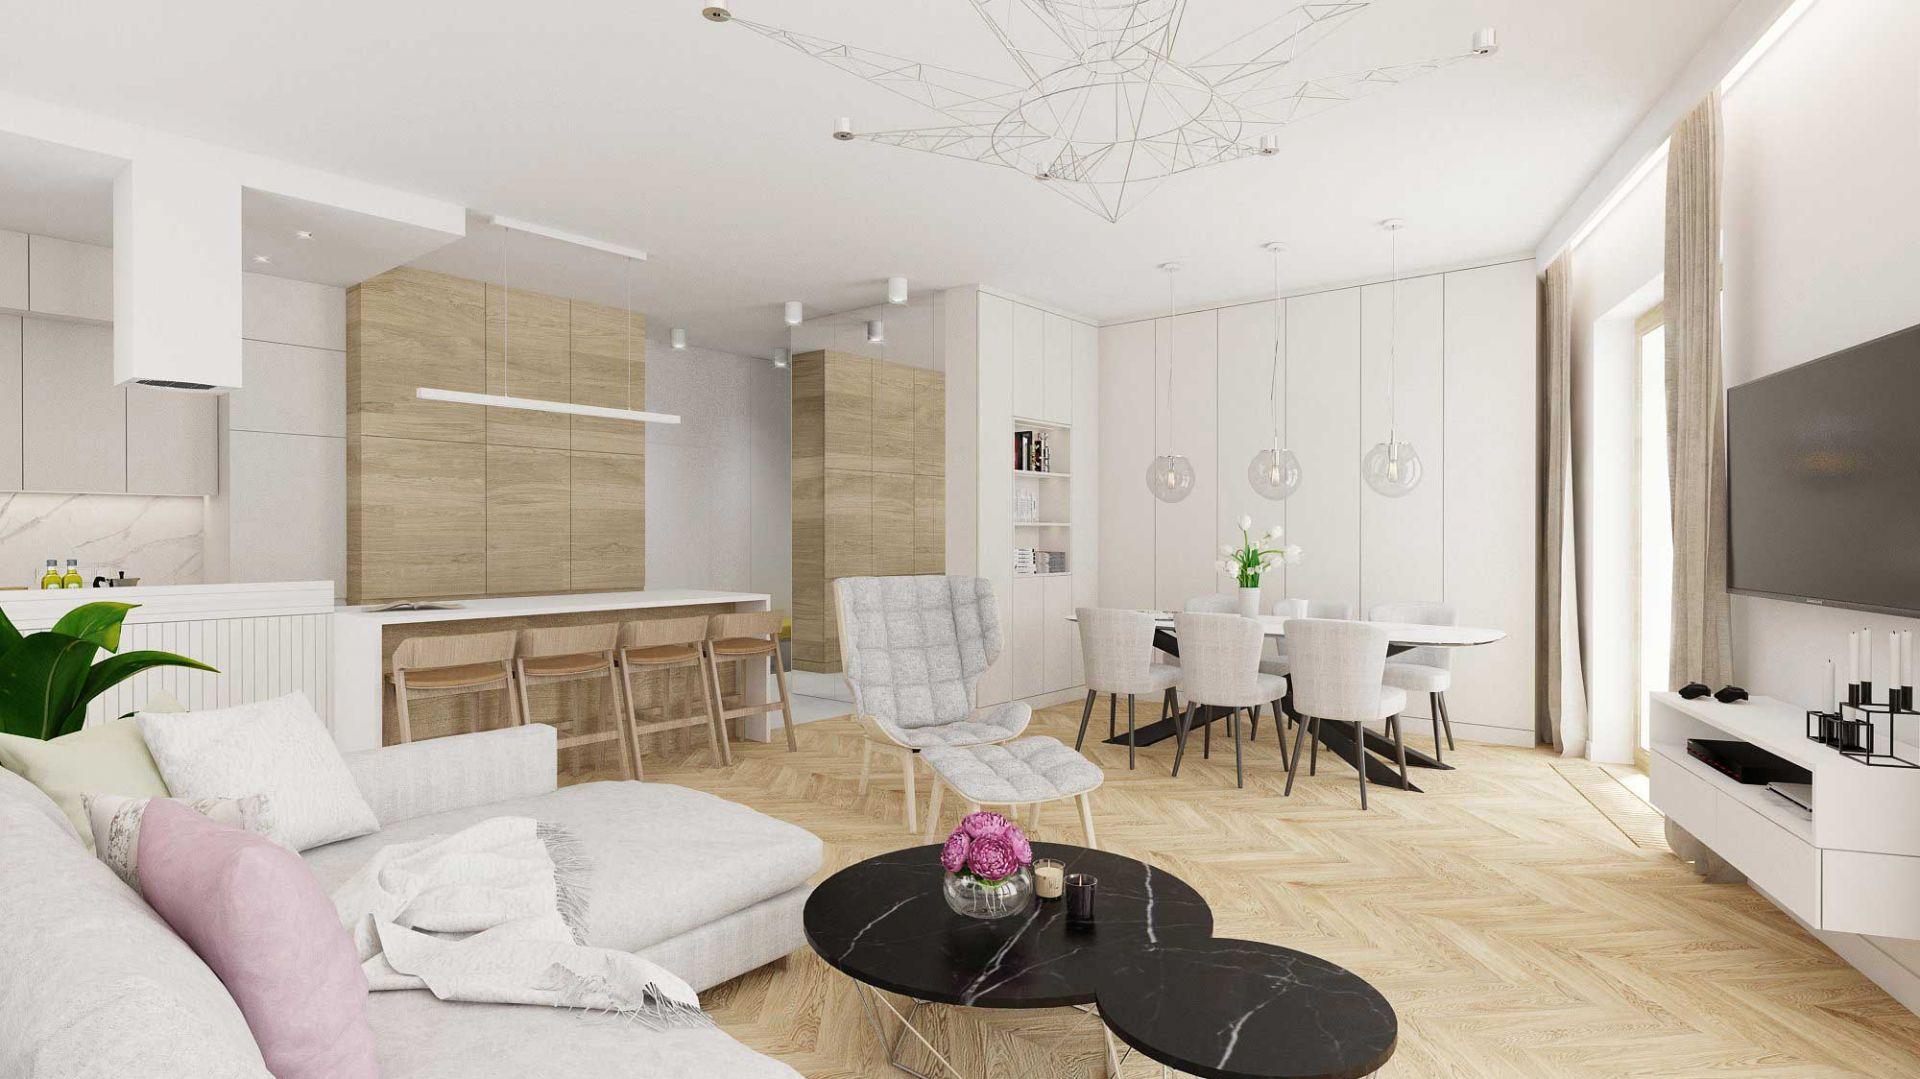 Drewno na podłodze i ścianie - Apartament przy parku. Projekt: Twój Kwadrat Karolina Kobosko. Fot. Jawor-Parkiet